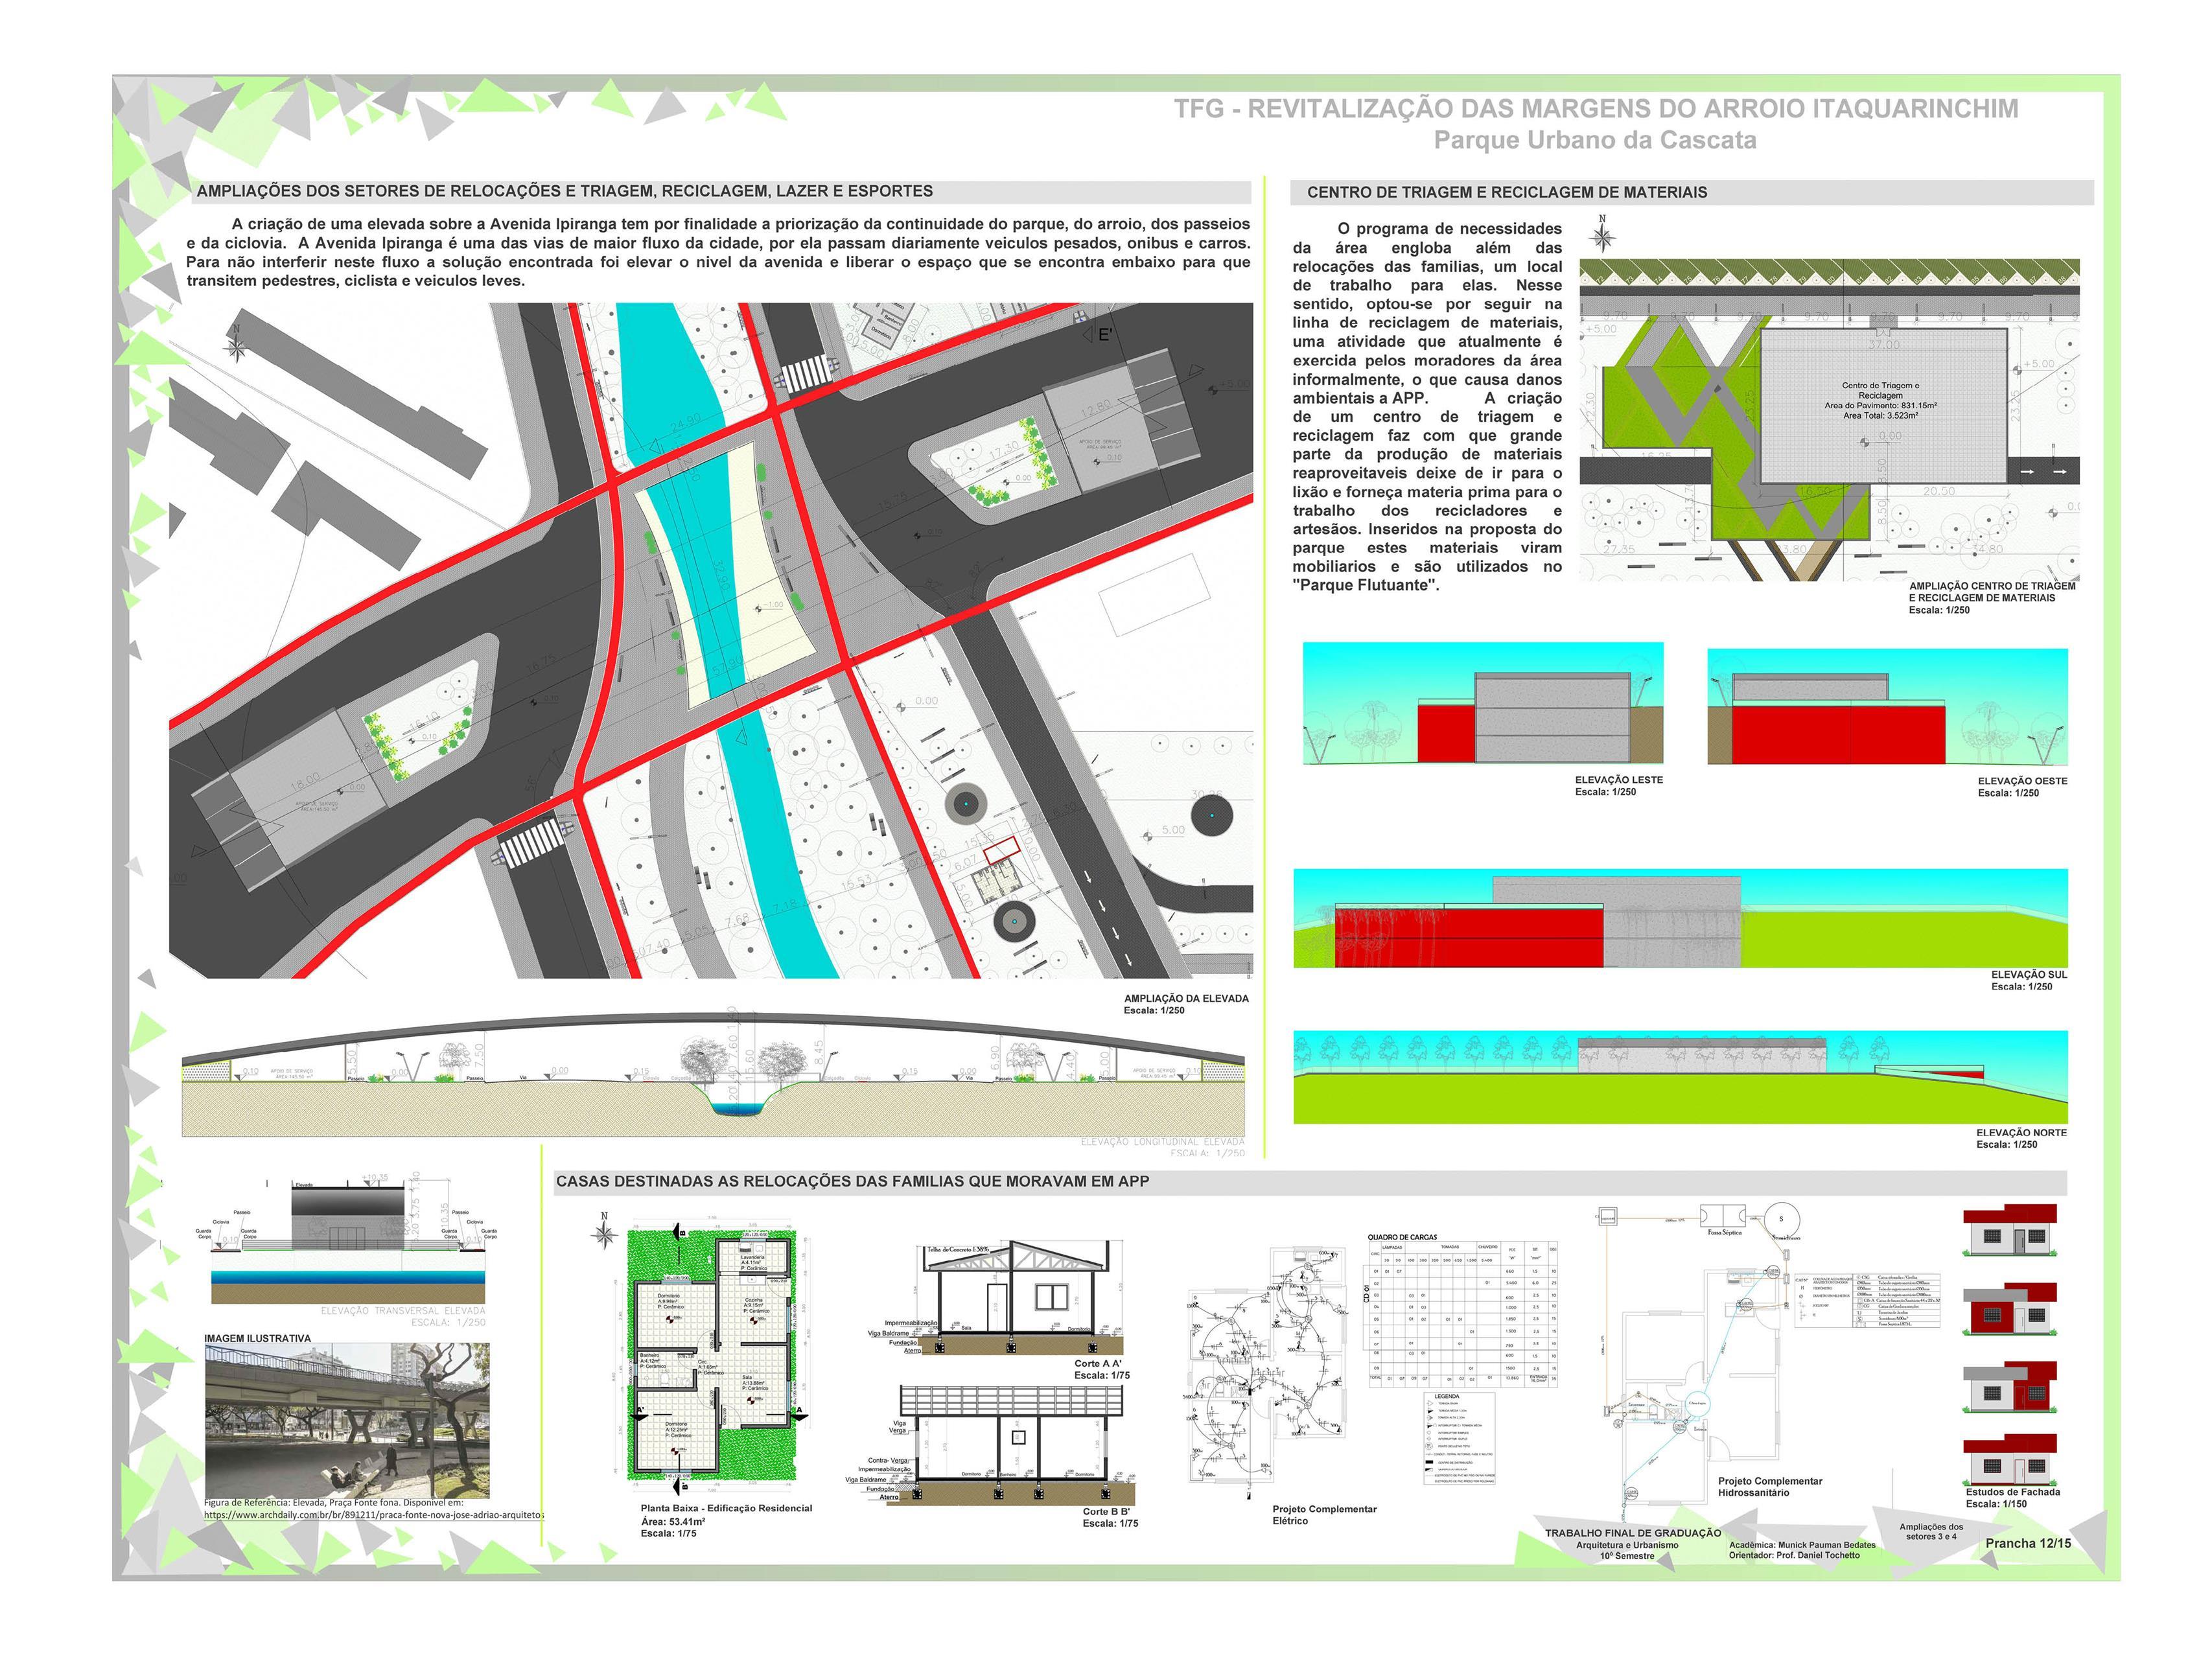 Revitalização das Margens do Arroio Itaquarinchim - Parque Urbano da Cascata11 (Copy)